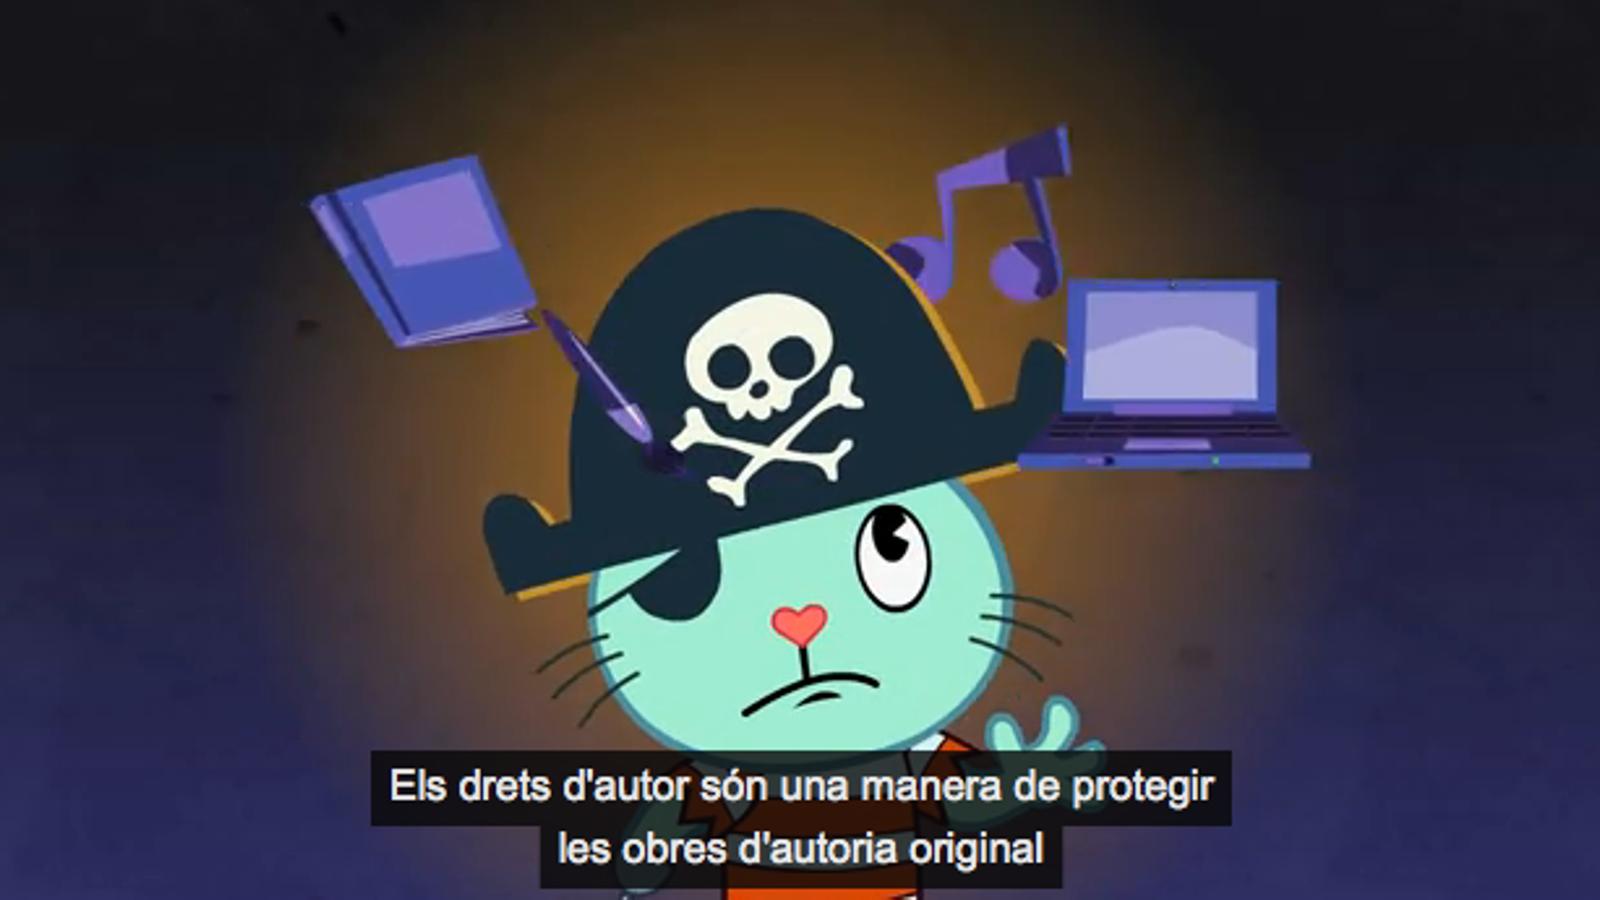 YouTube vetllarà pels drets d'autor i reeducarà els pirates informàtics